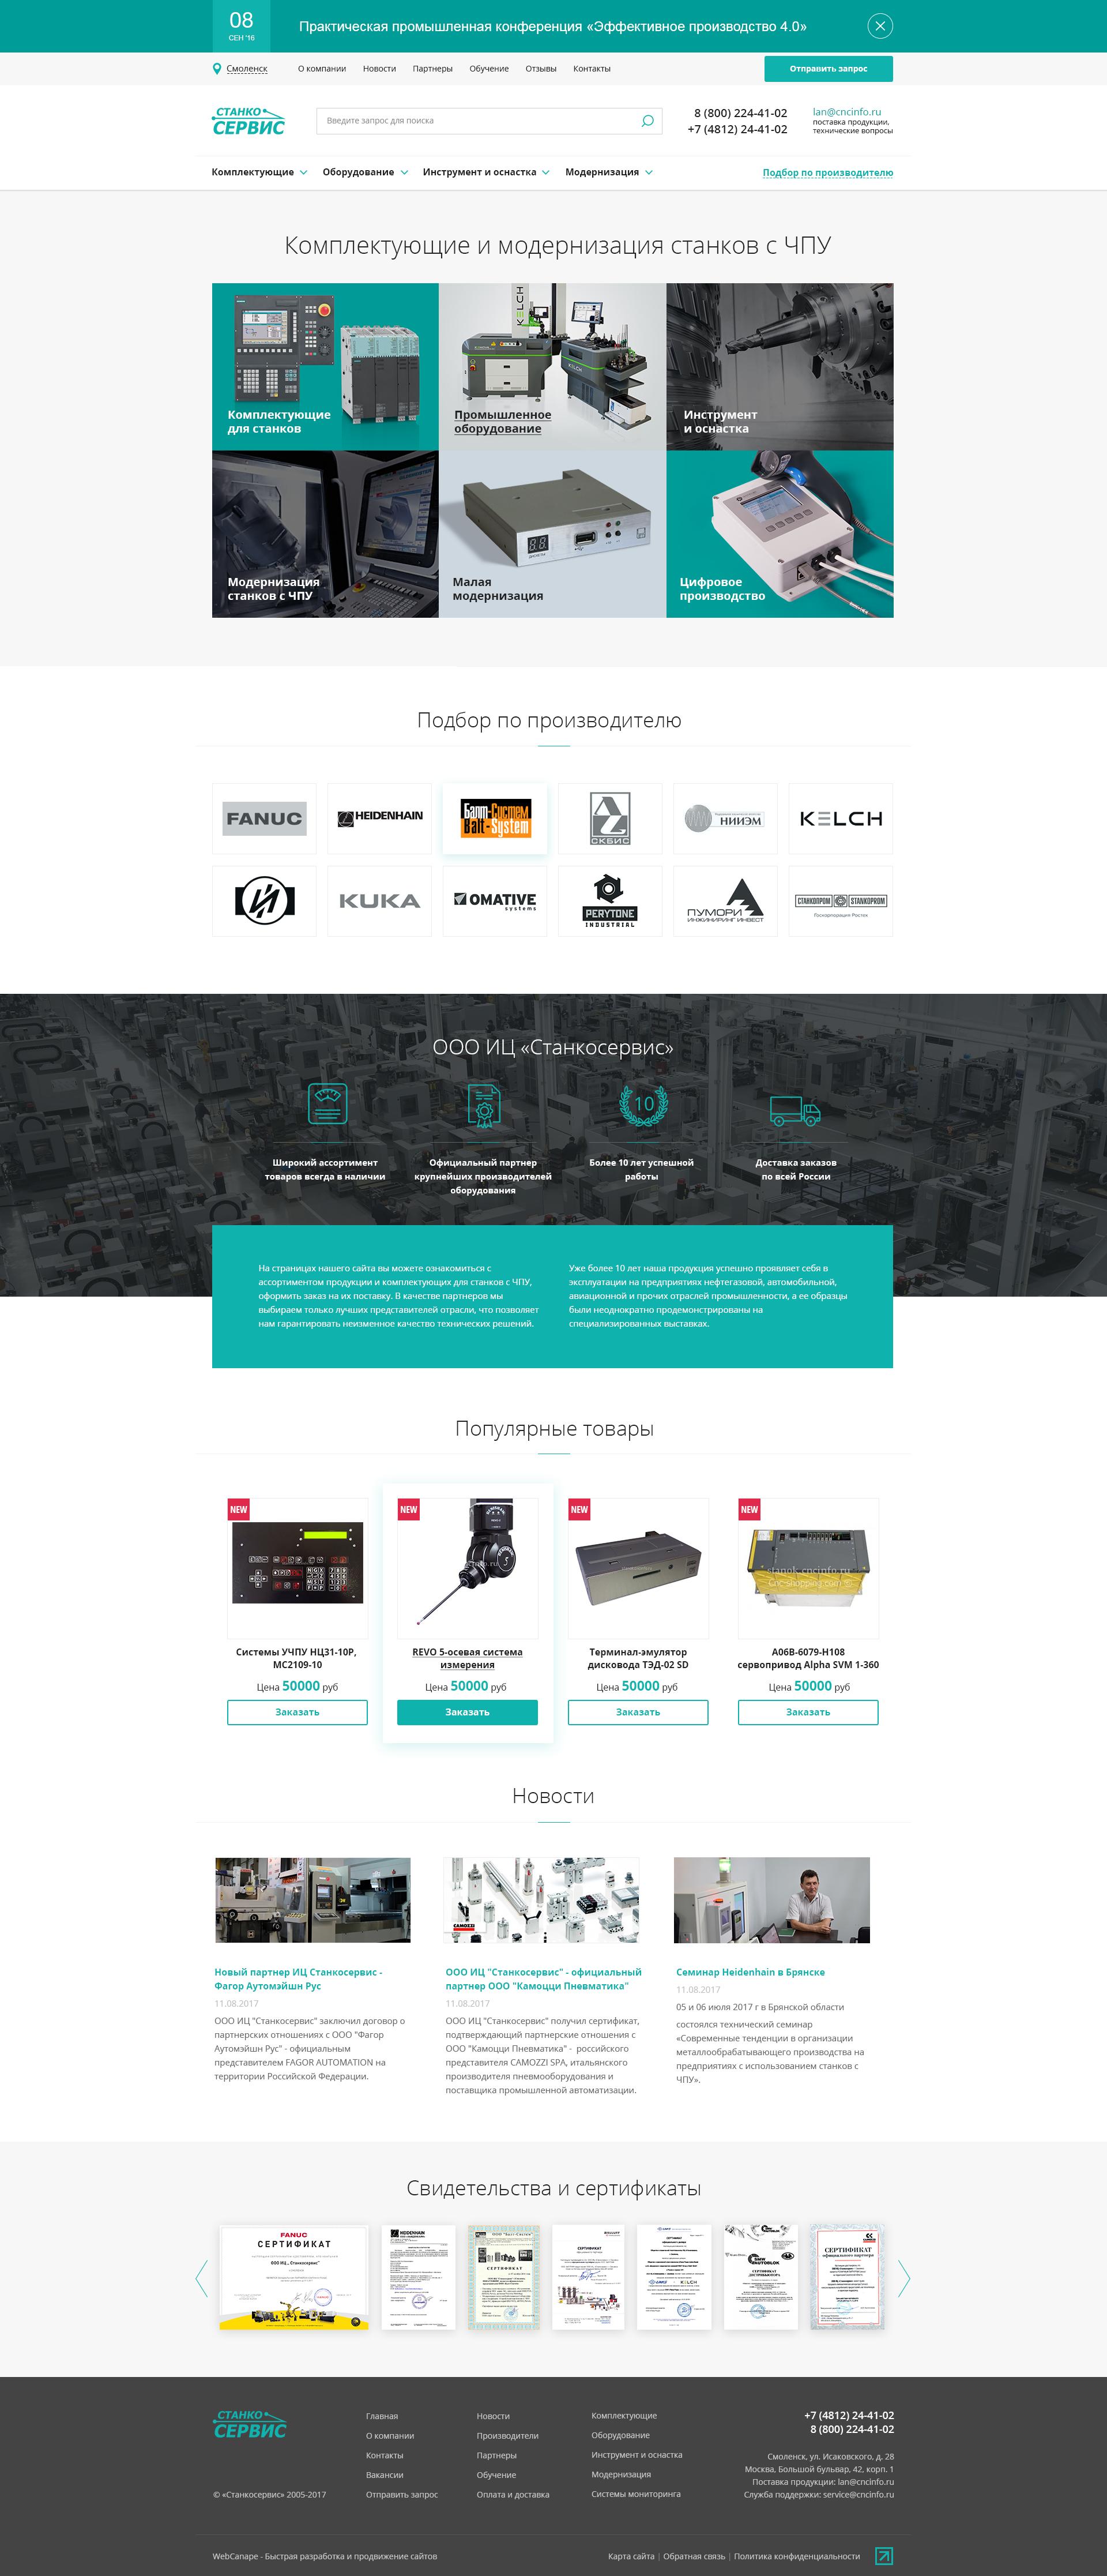 Редизайн сайта по продаже оборудования для модернизации производства